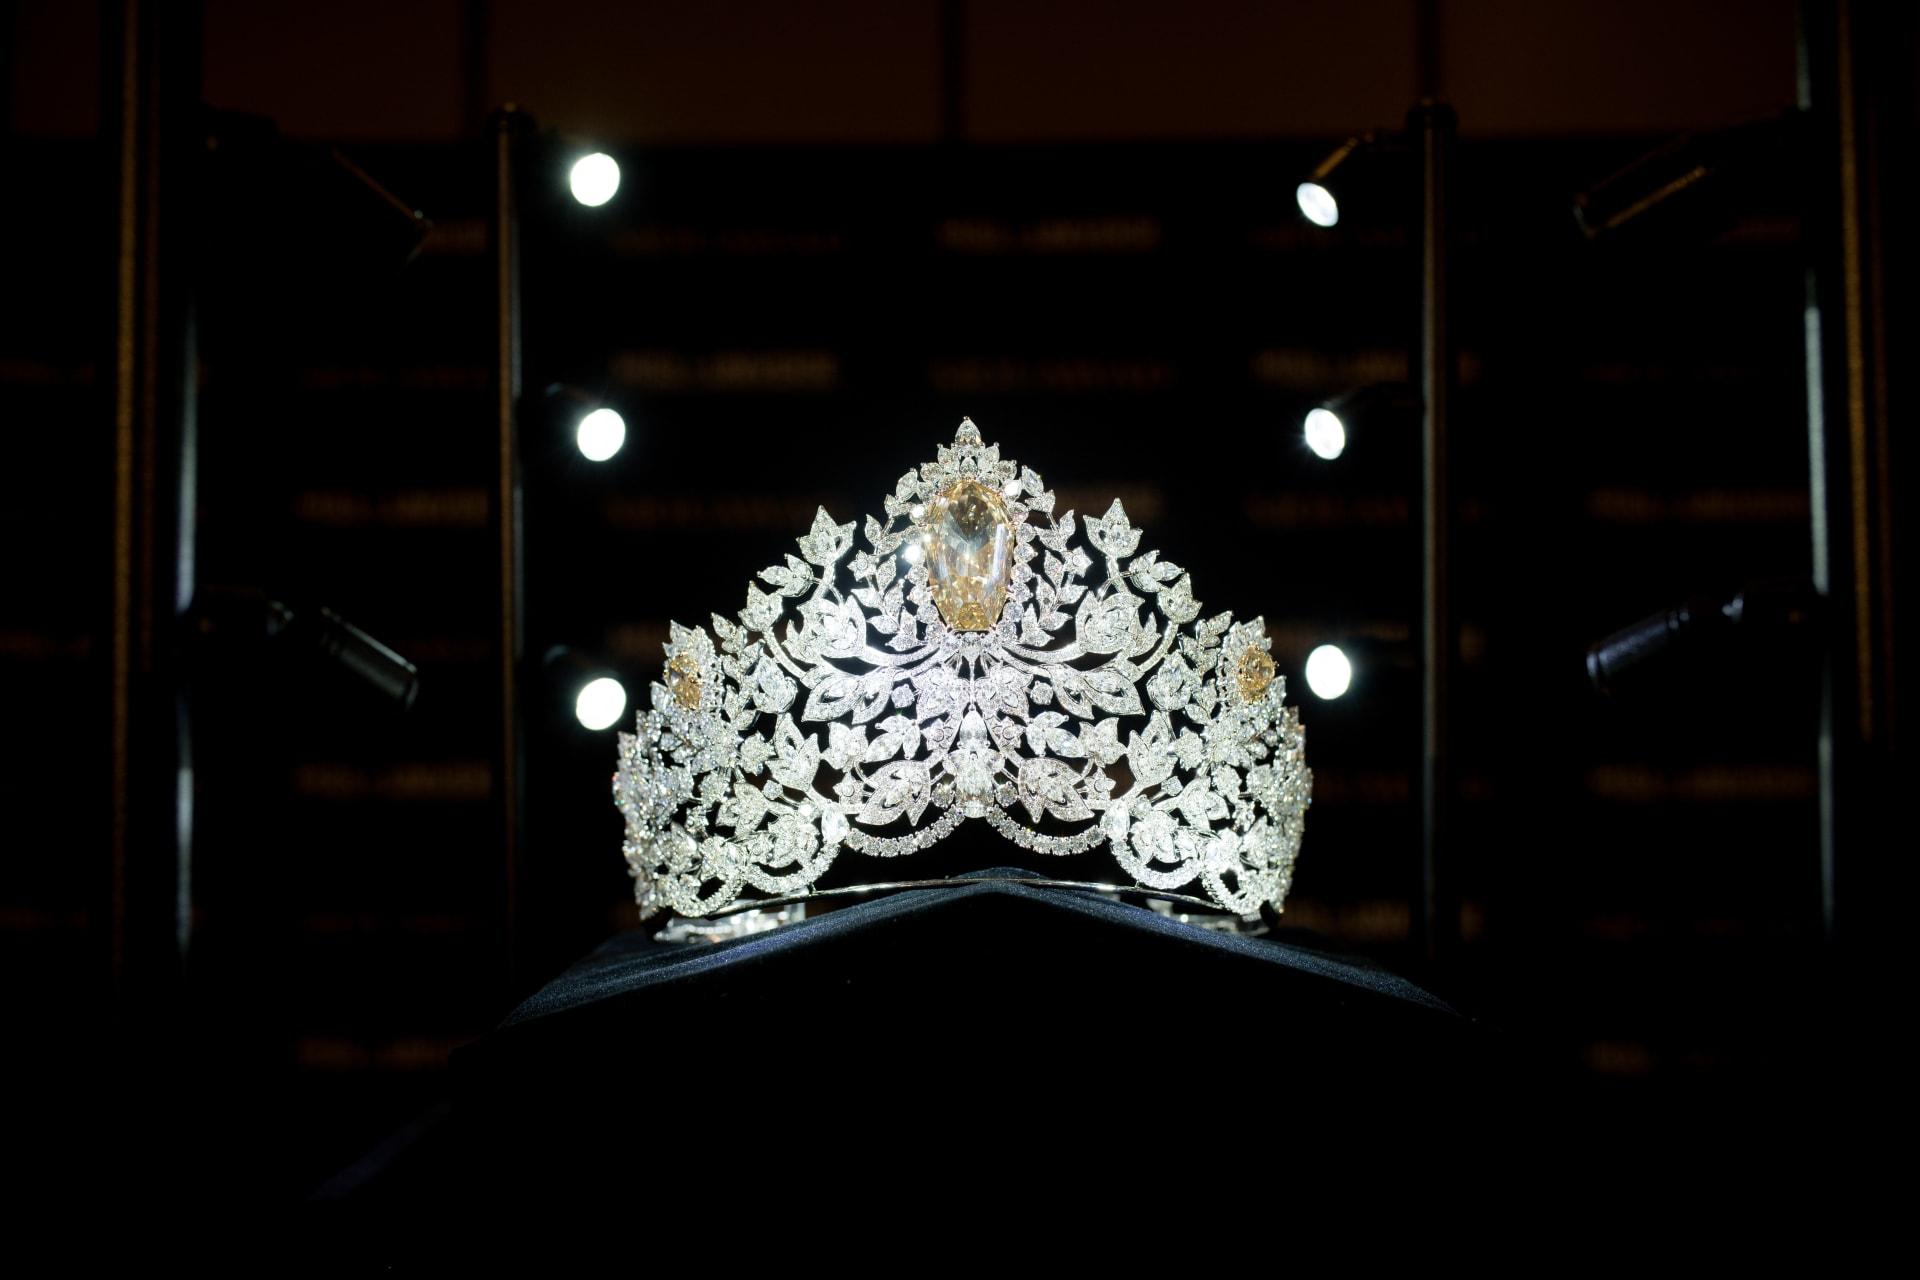 من تصميم لبناني.. ملكة جمال الكون تتكلل بتاج قدره 5 ملايين دولار